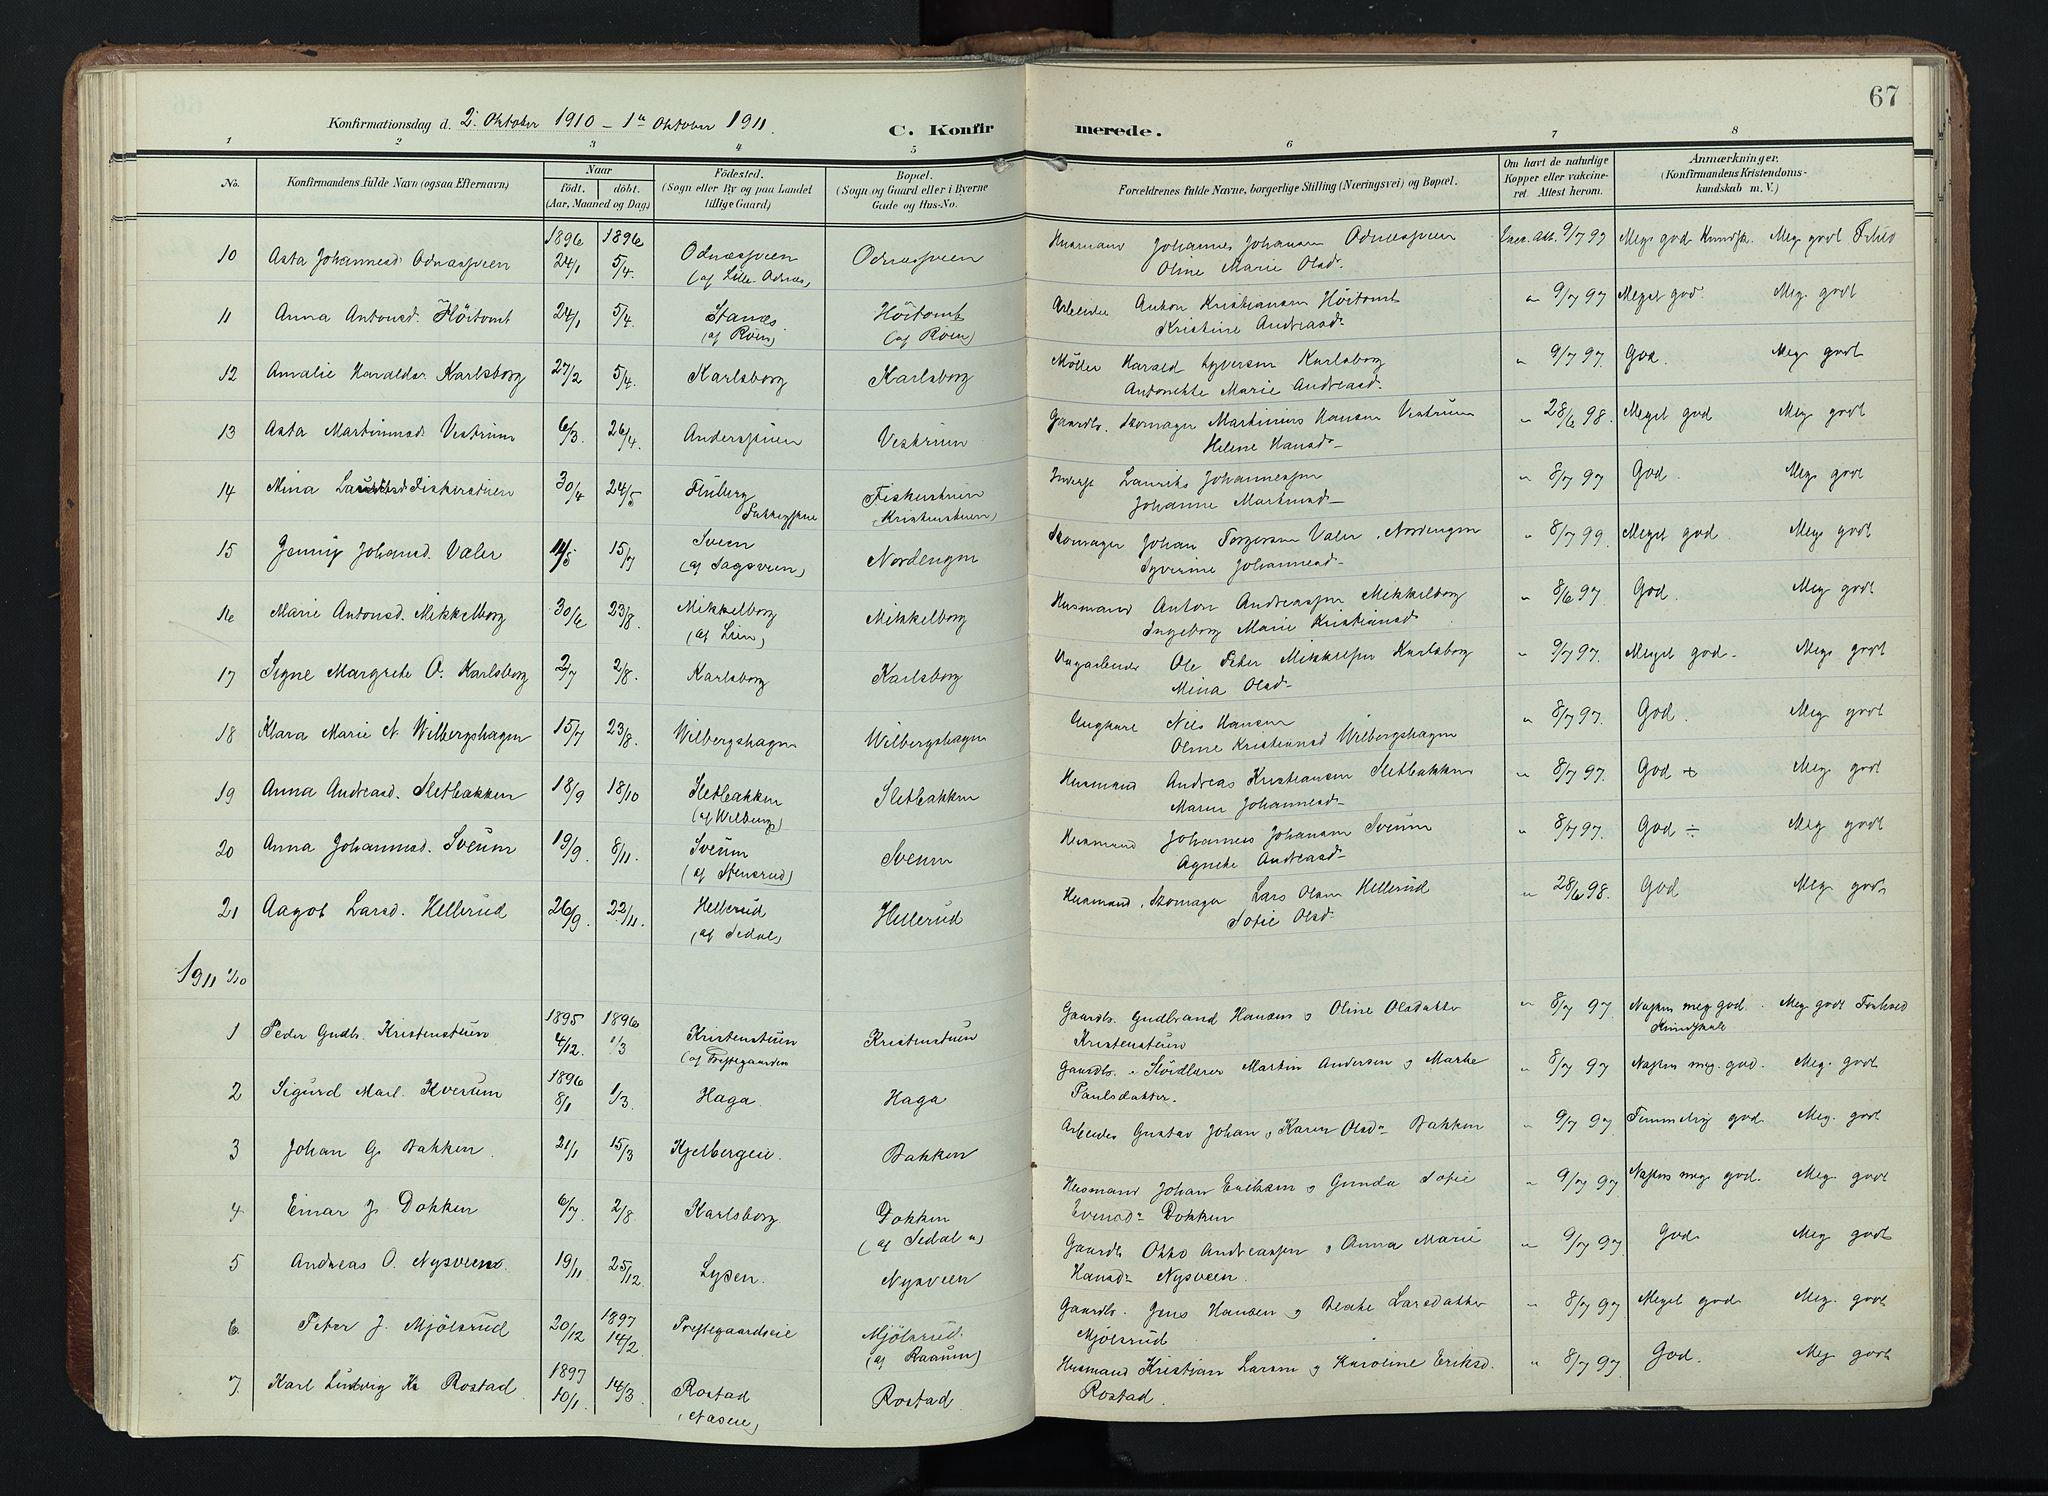 SAH, Søndre Land prestekontor, K/L0005: Ministerialbok nr. 5, 1905-1914, s. 67